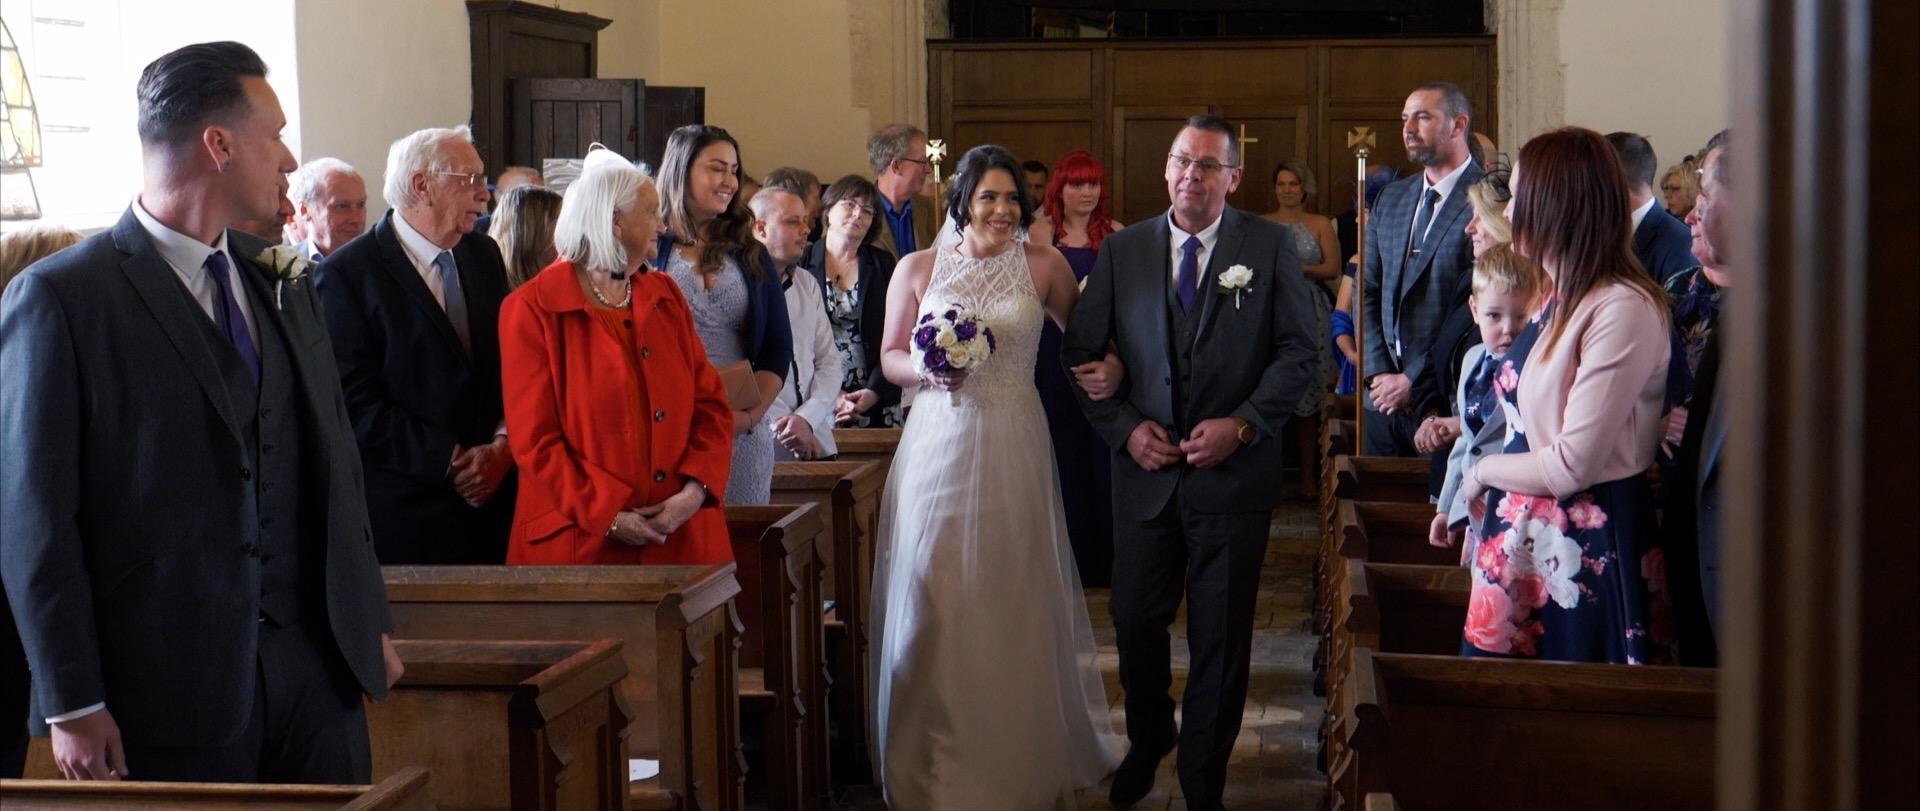 Saint Margaret's Chruch Wedding Video Essex.jpg